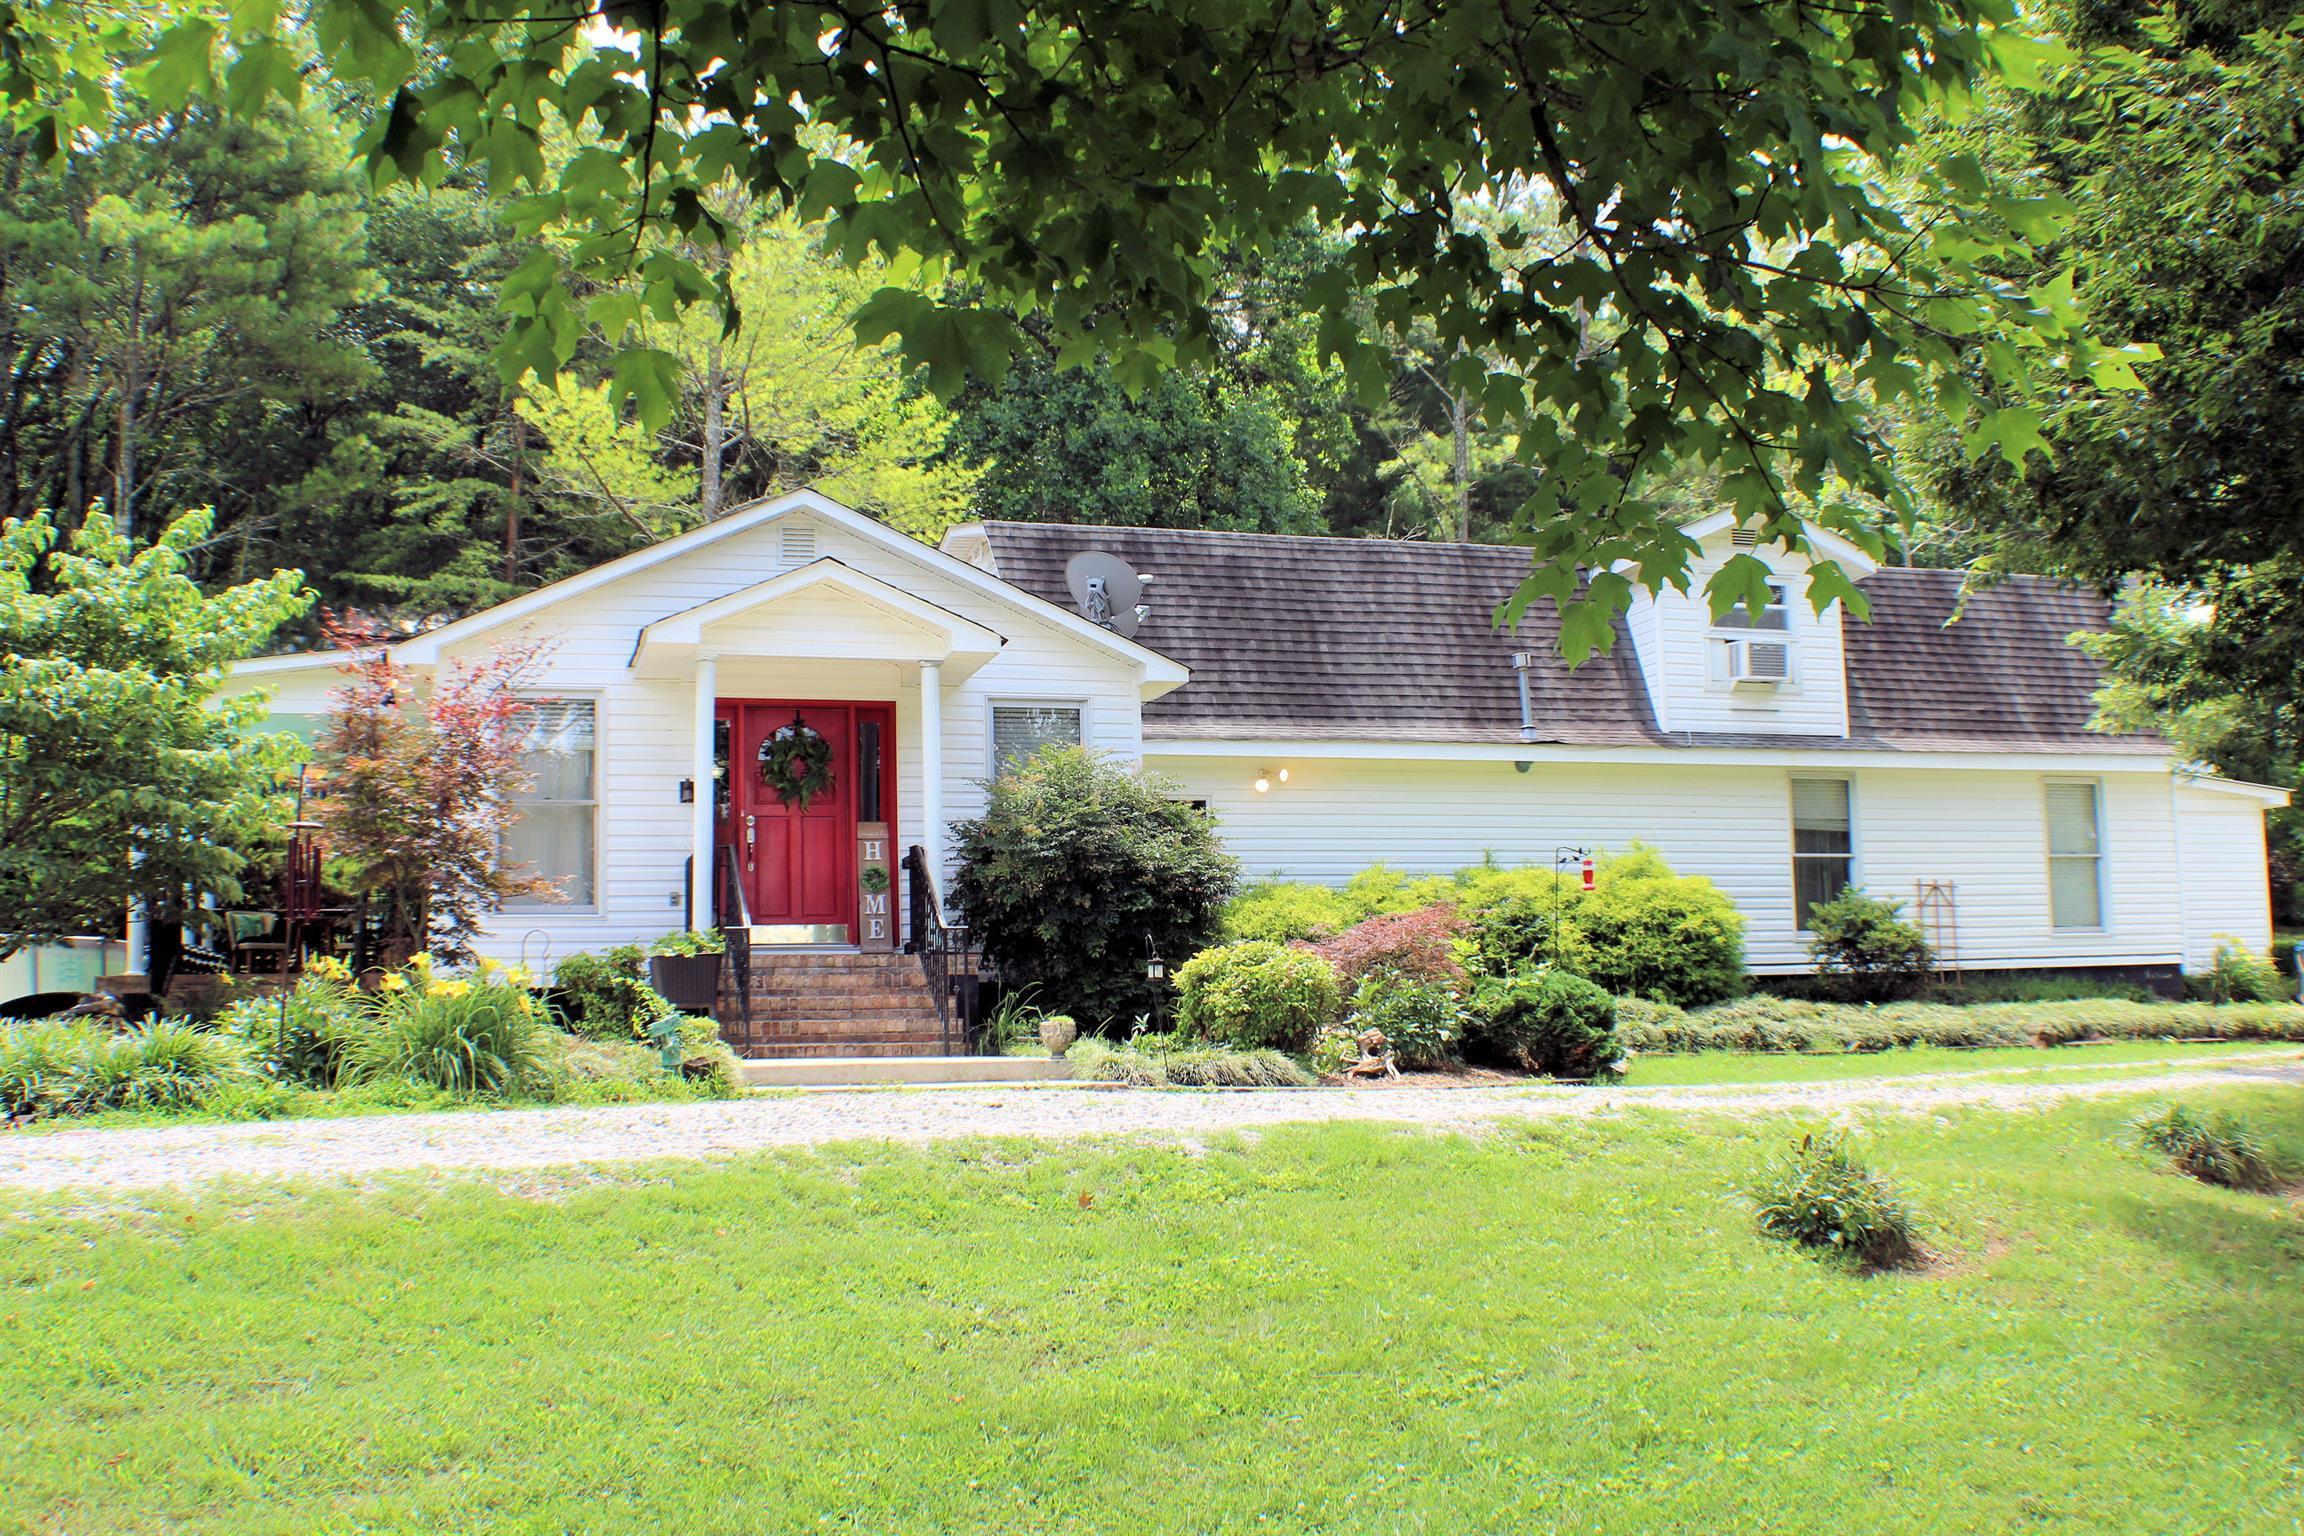 5430 Greenhaw Rd, Decherd, TN 37324 - Decherd, TN real estate listing